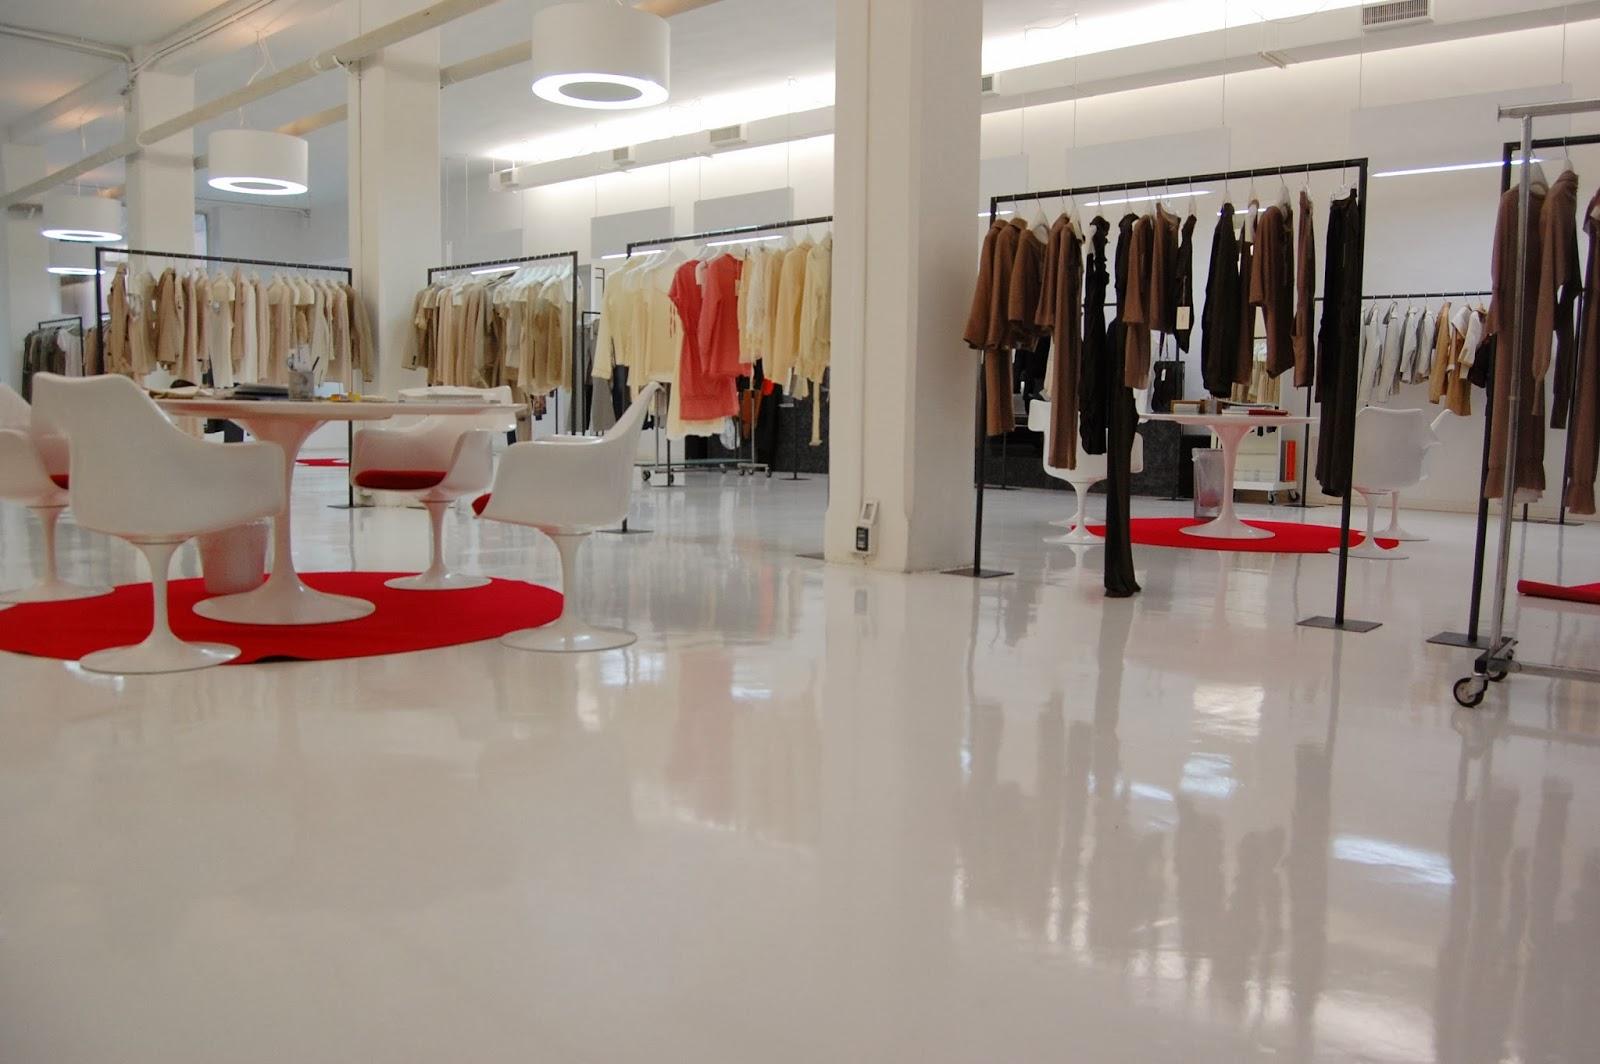 Free gallery of costo pavimento in resina fai da te la for Pavimenti in resina opinioni